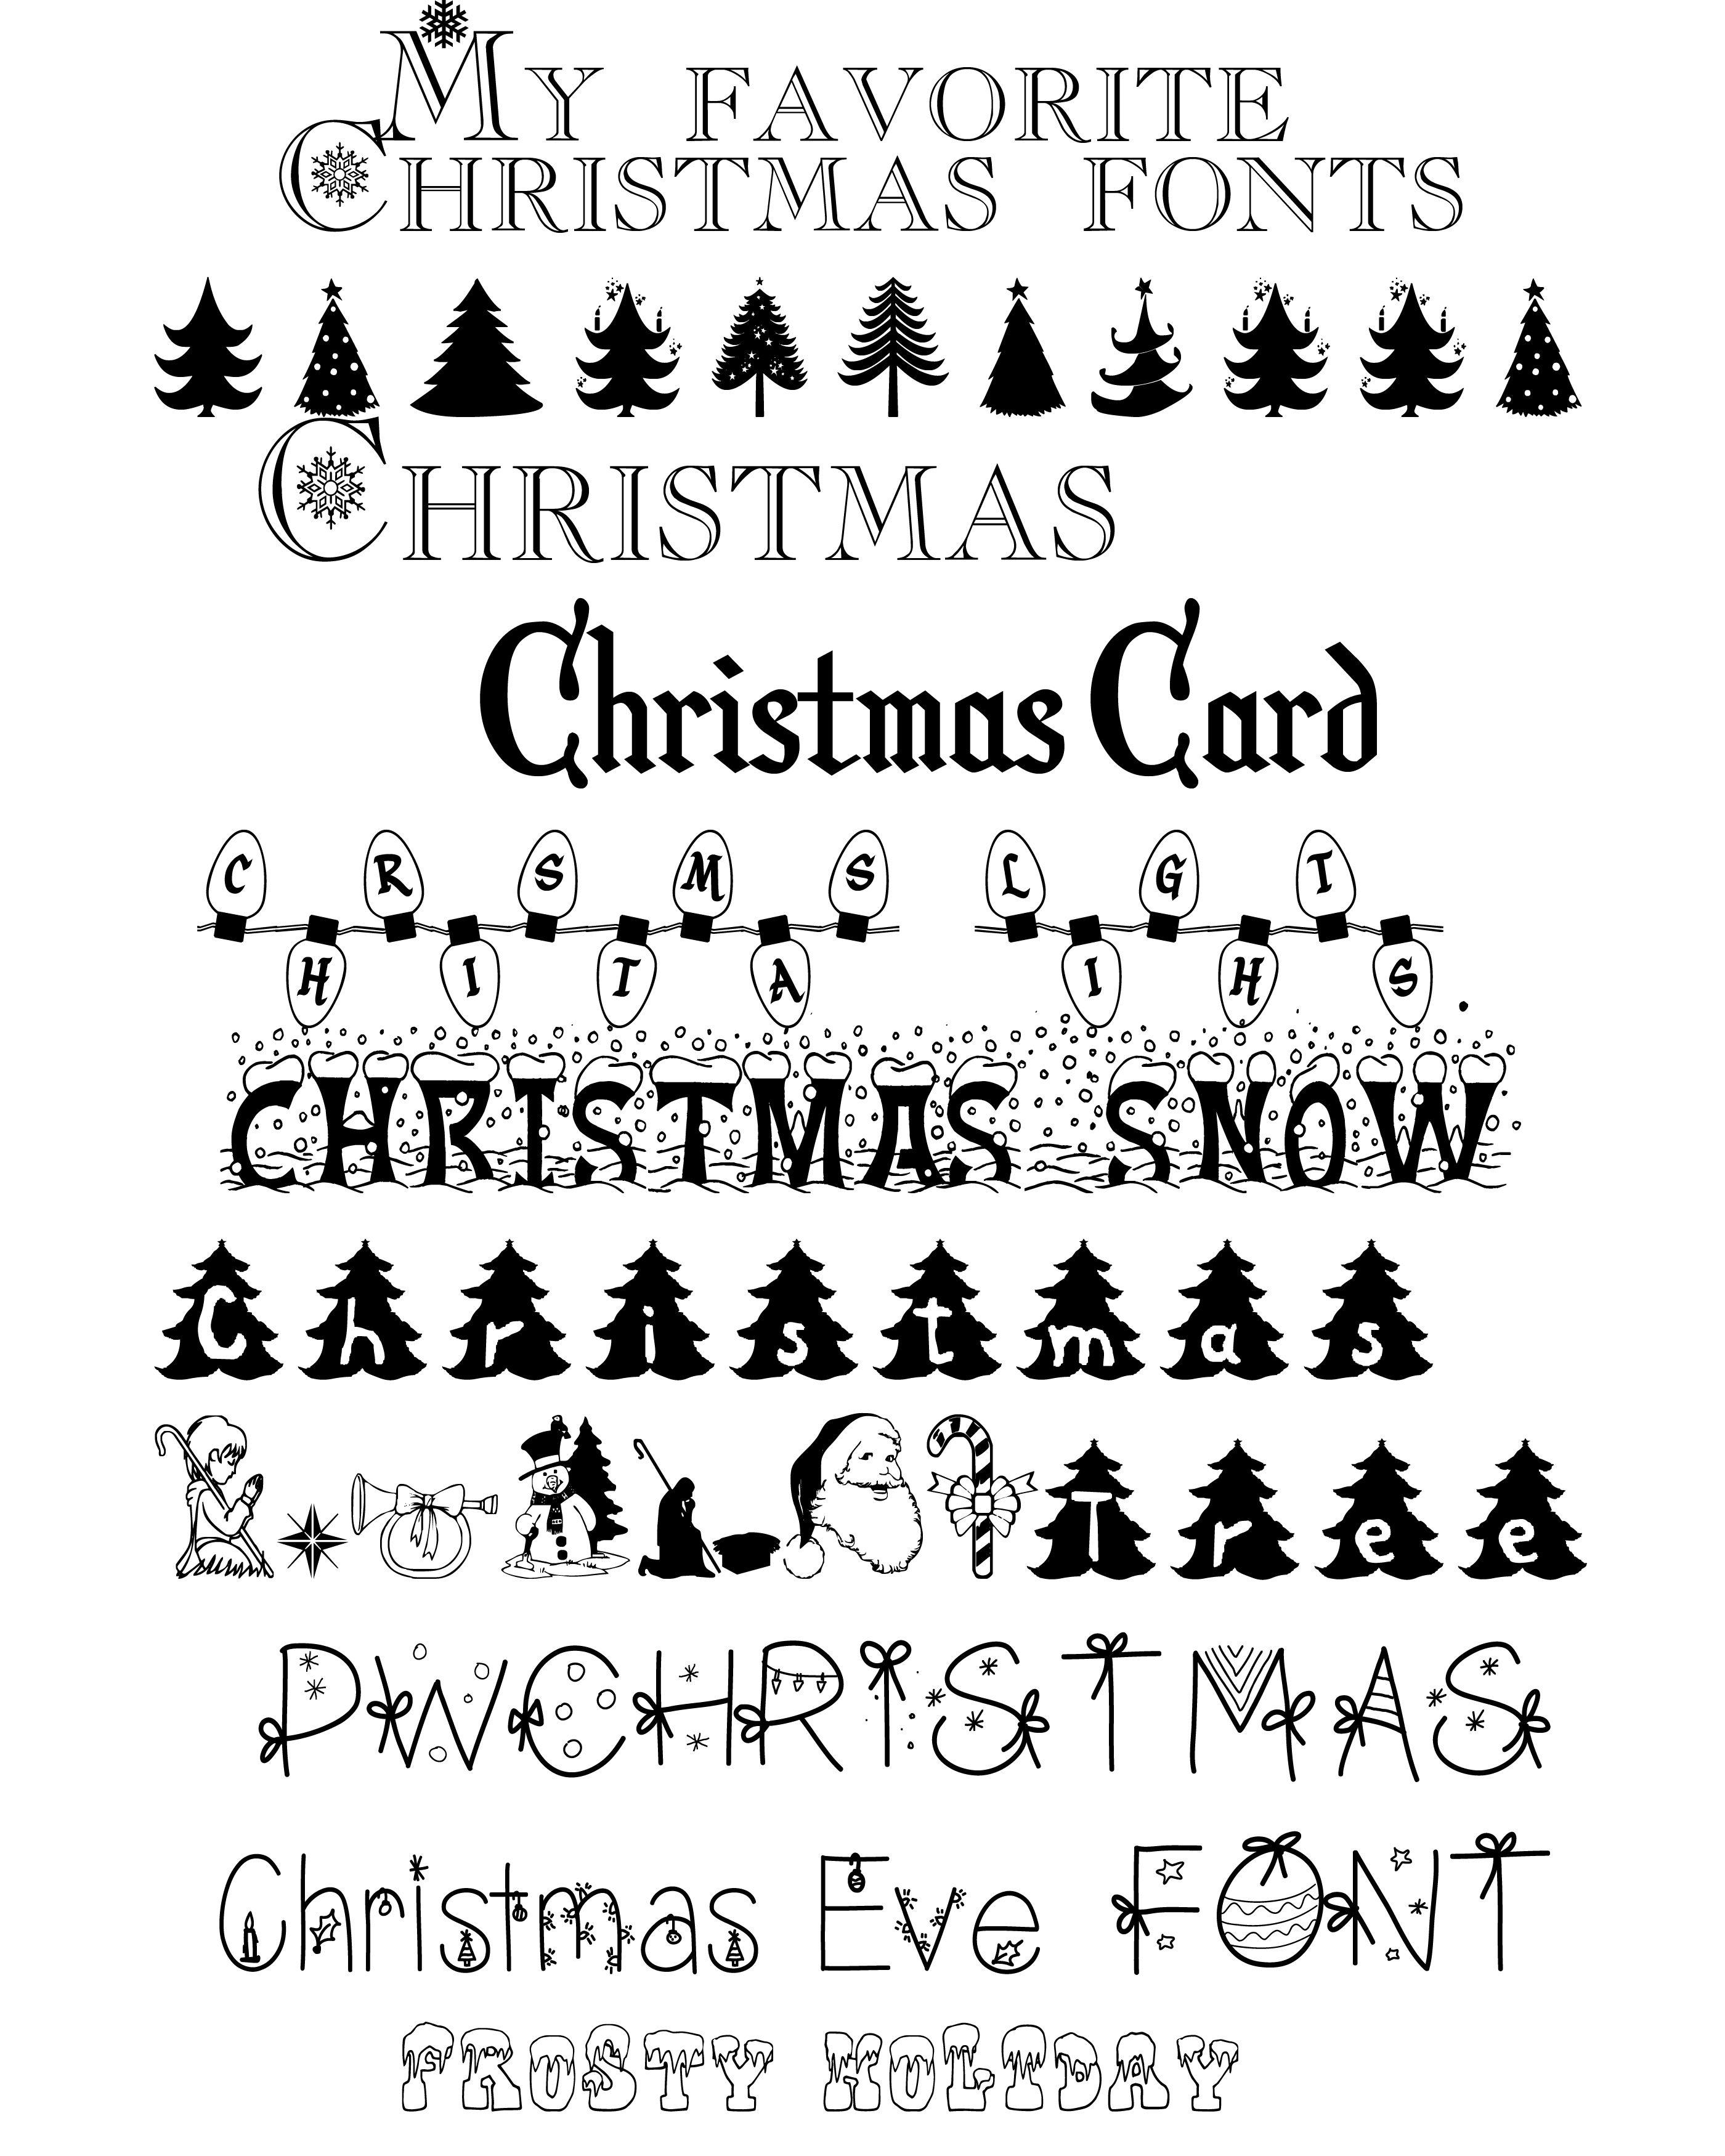 My Favorite Christmas Fonts Christmas fonts, Christmas